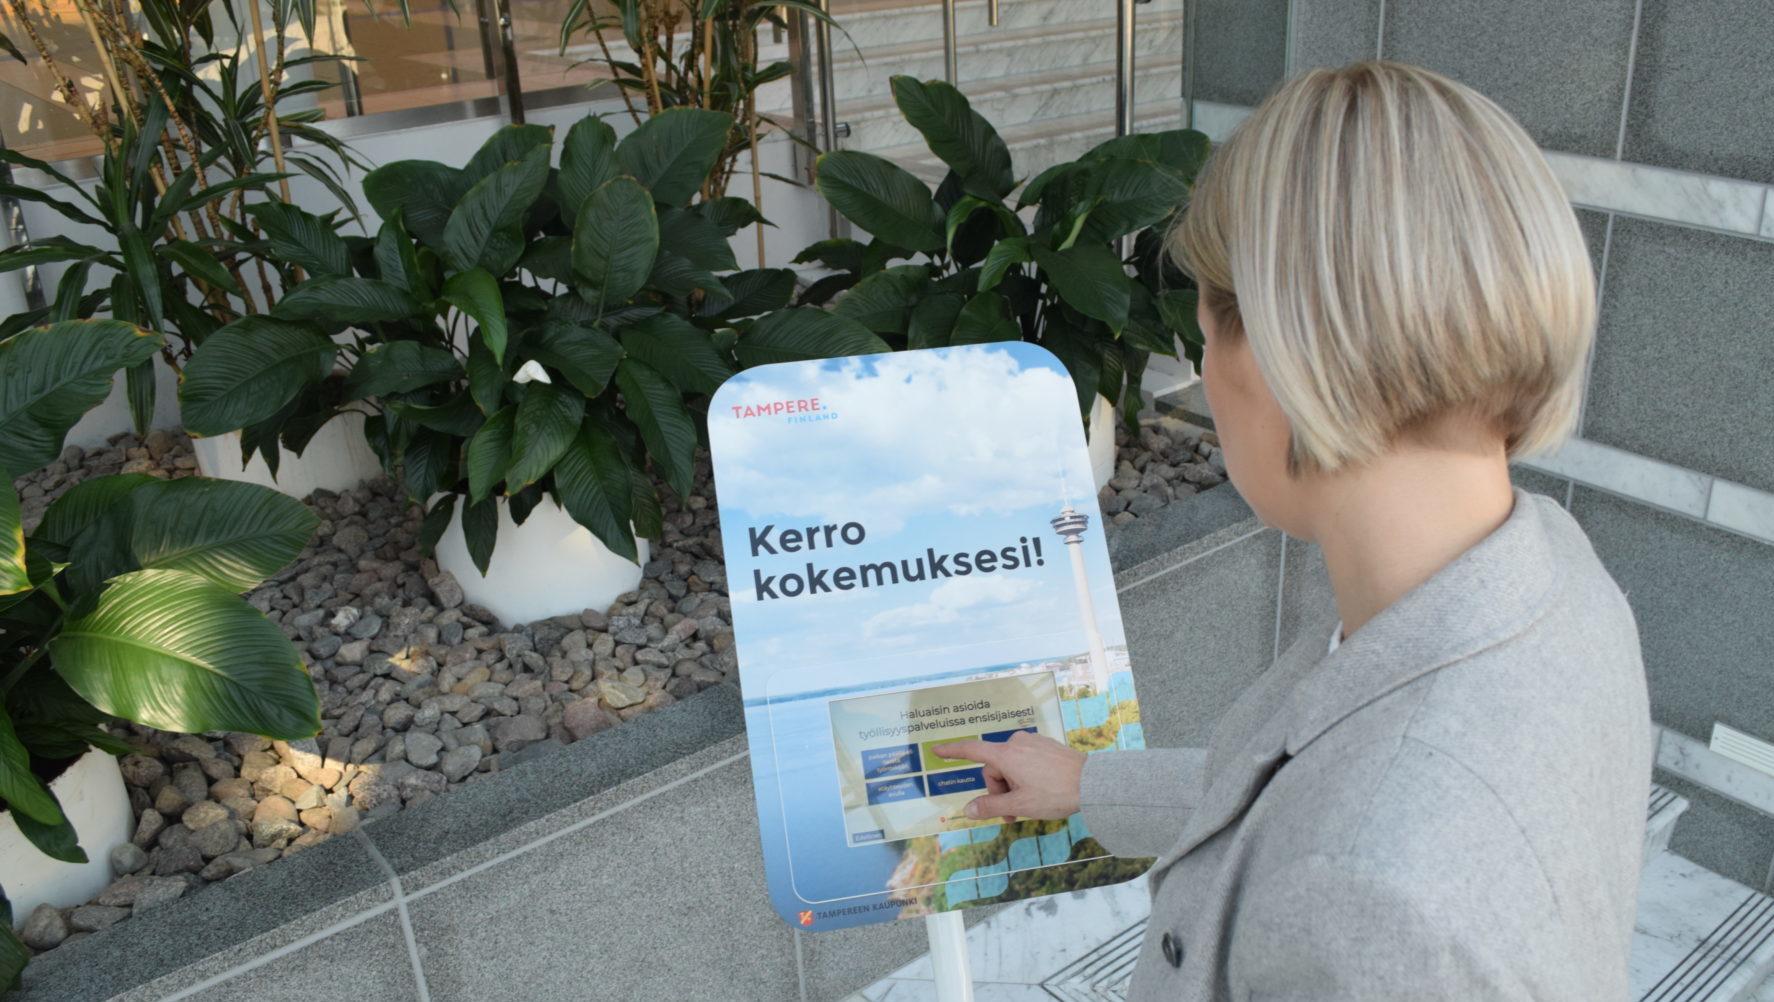 Tampereen kaupunki Roidu palautelaite, asiakaskokemus, customer experience